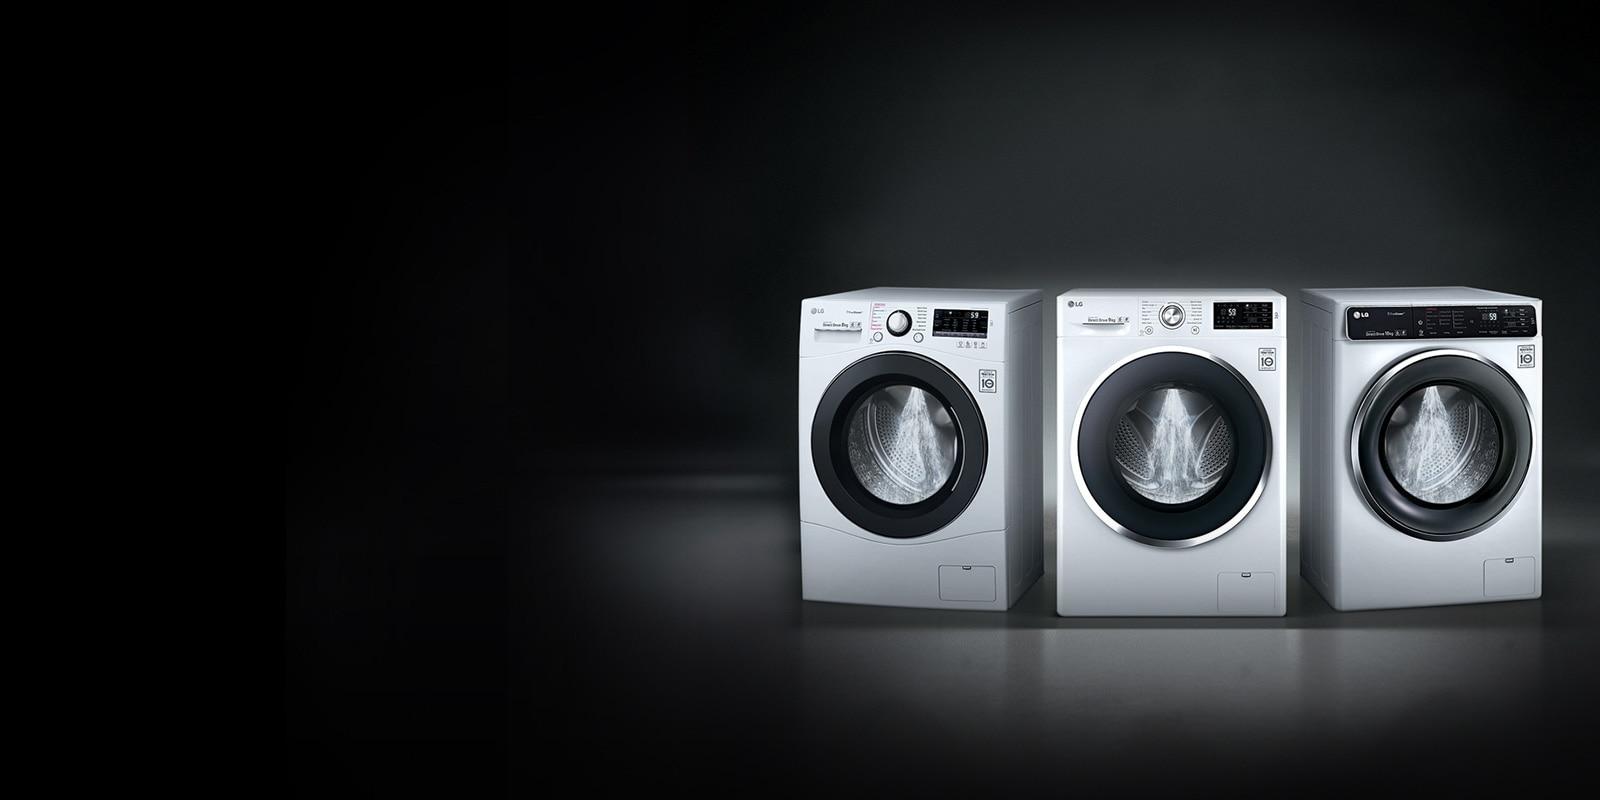 lave linge r frig rateurs aspirateurs micro ondes. Black Bedroom Furniture Sets. Home Design Ideas